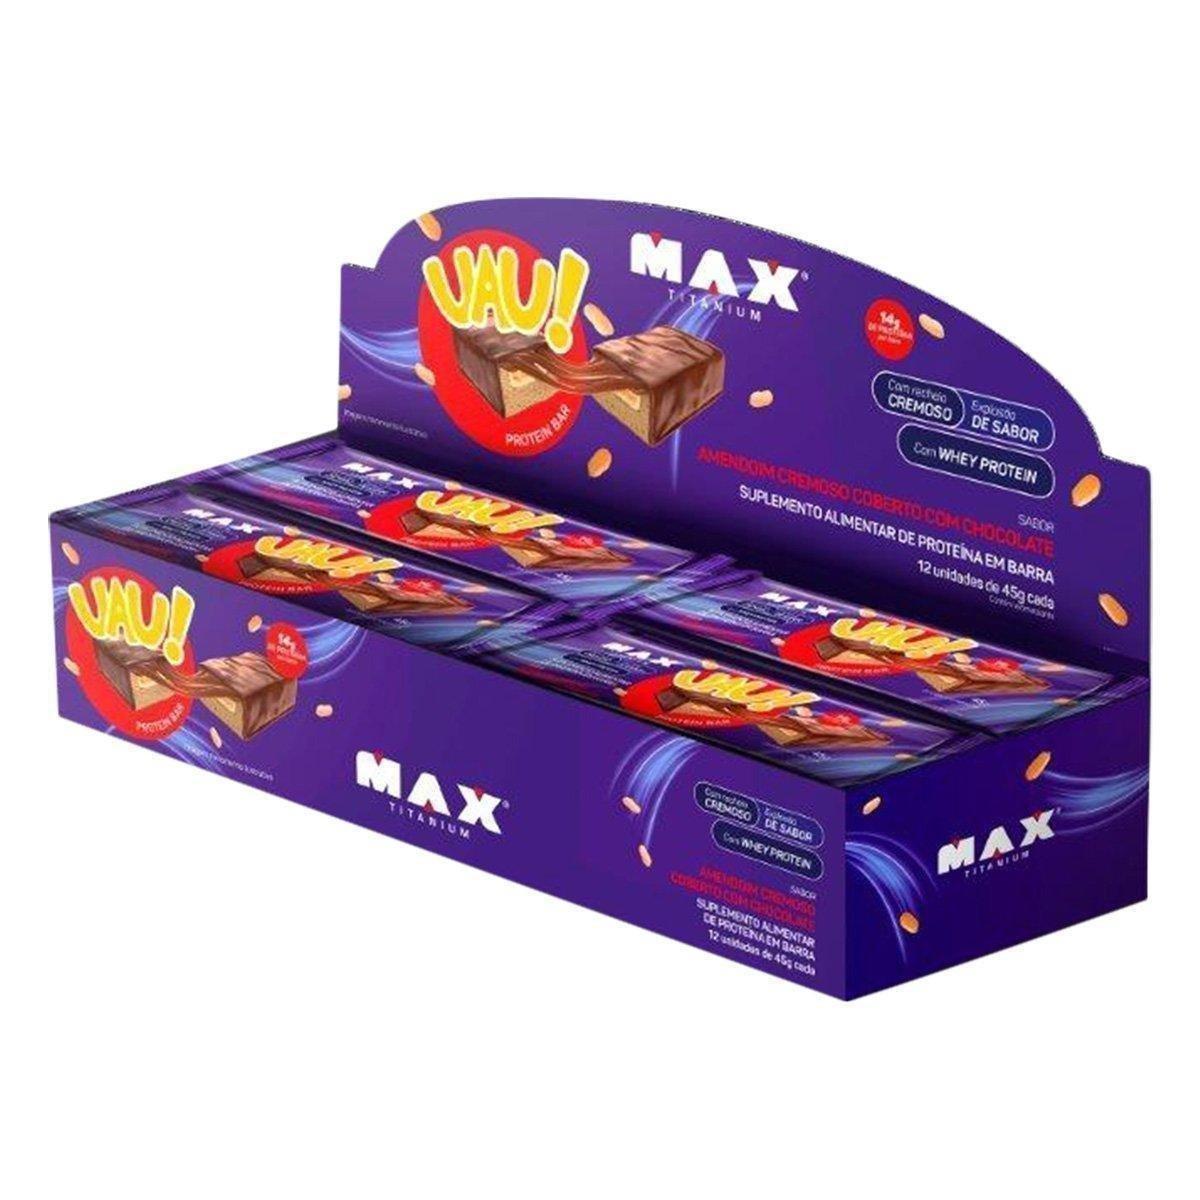 Uau Protein 45g c/ 12 unidades - Max Titanium